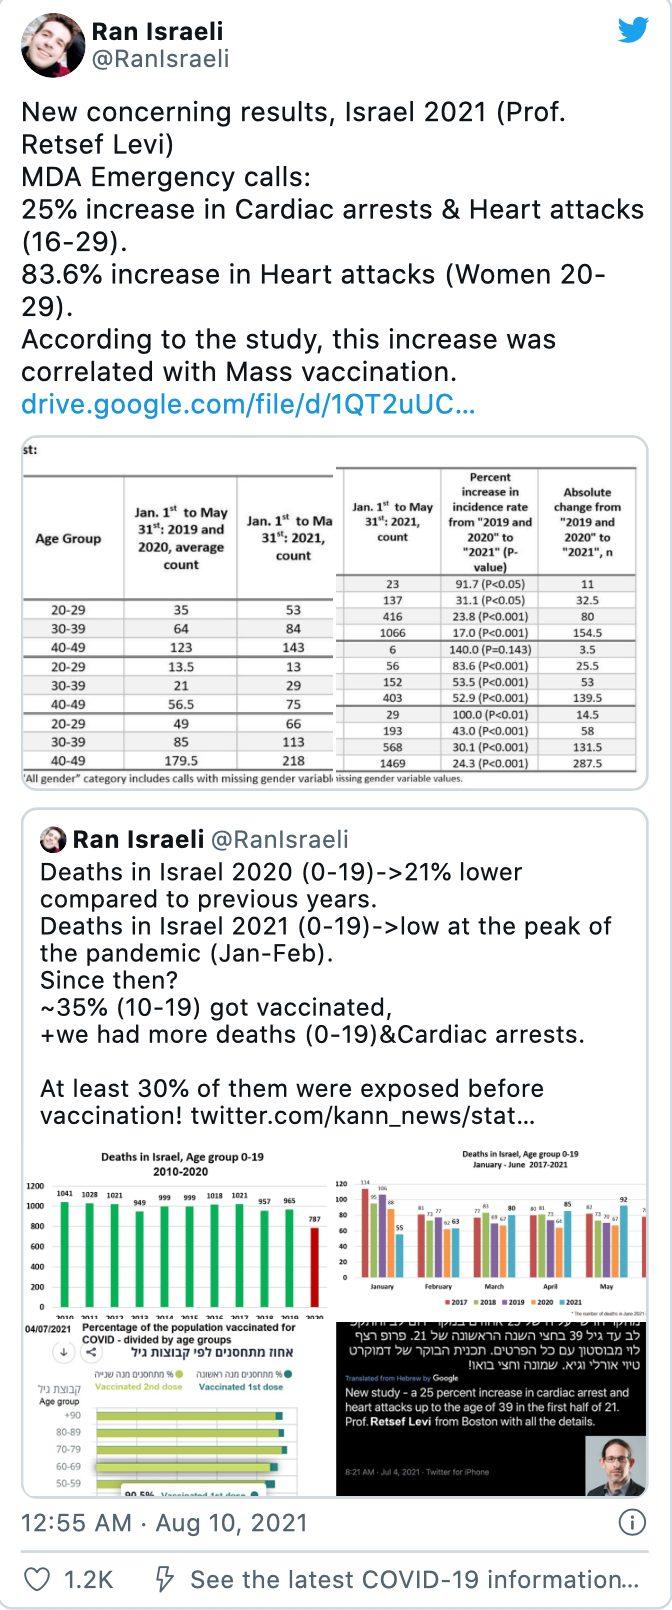 Creștere alarmantă a afecțiunilor cardiace în Israel în urma campaniei de vaccinare